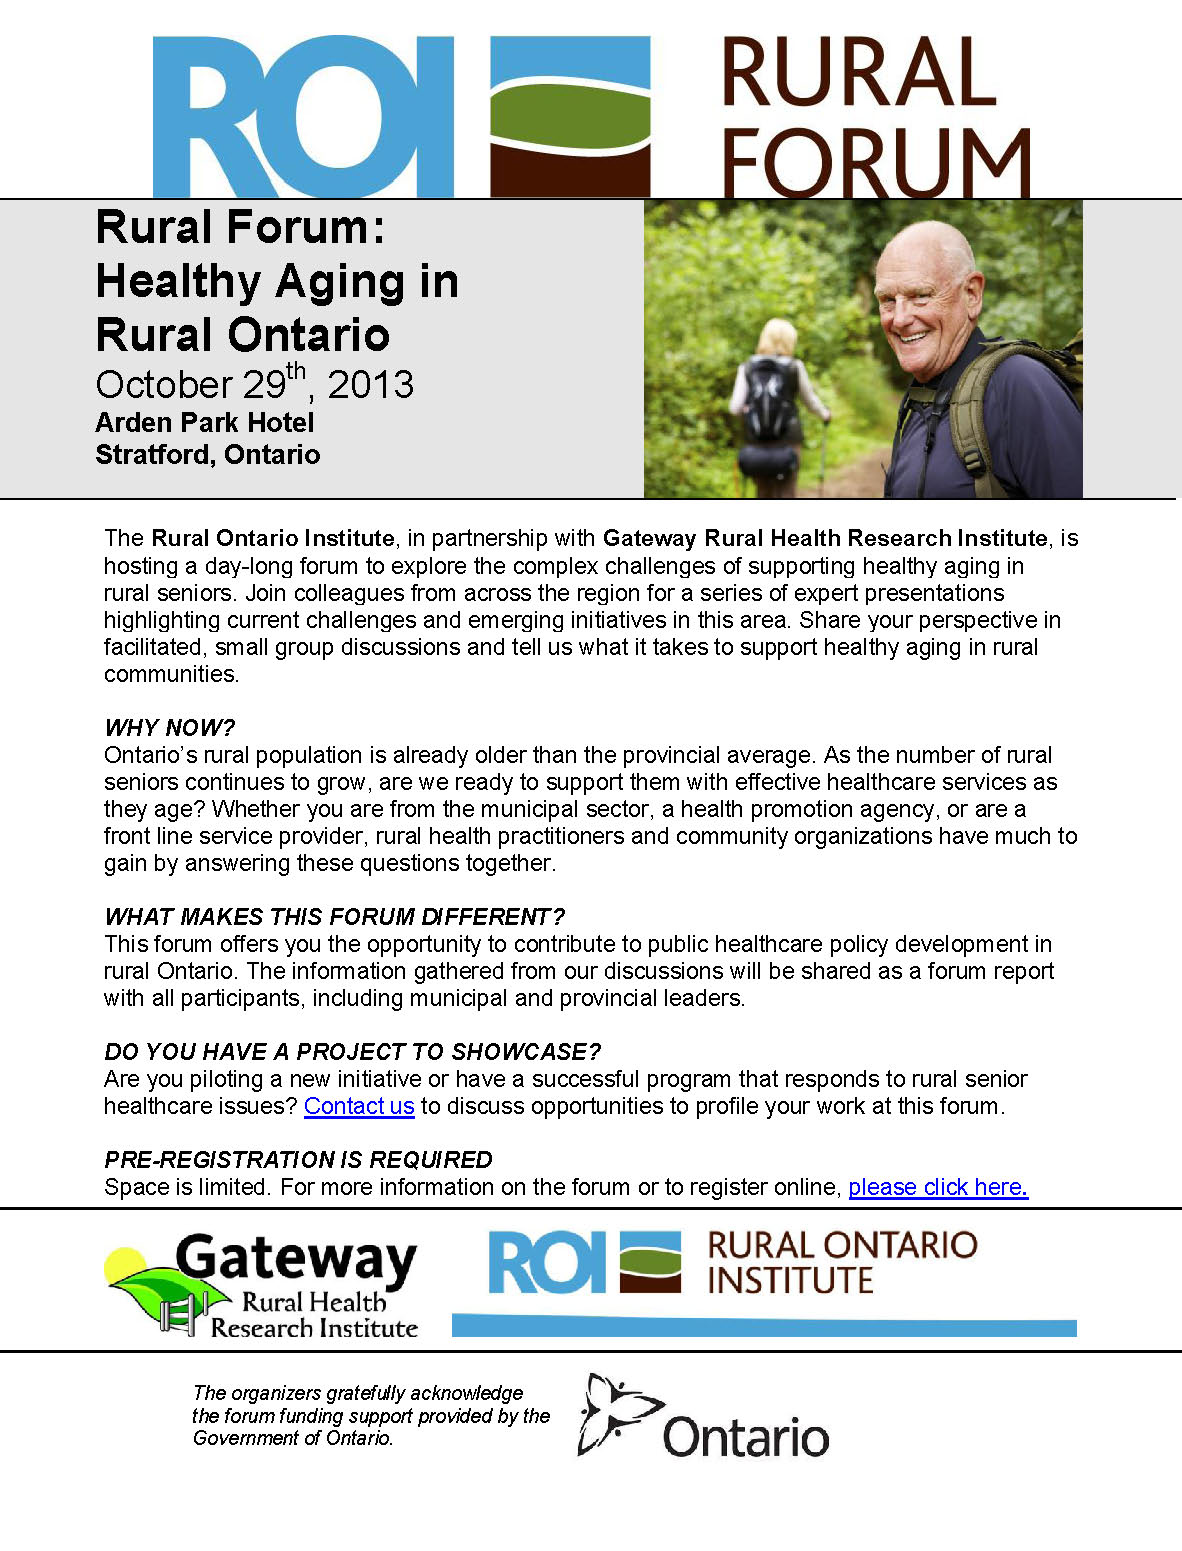 RURAL-FORUM-Healthy-Aging-in-Rural-Ontario-Oct-29-20132.jpg